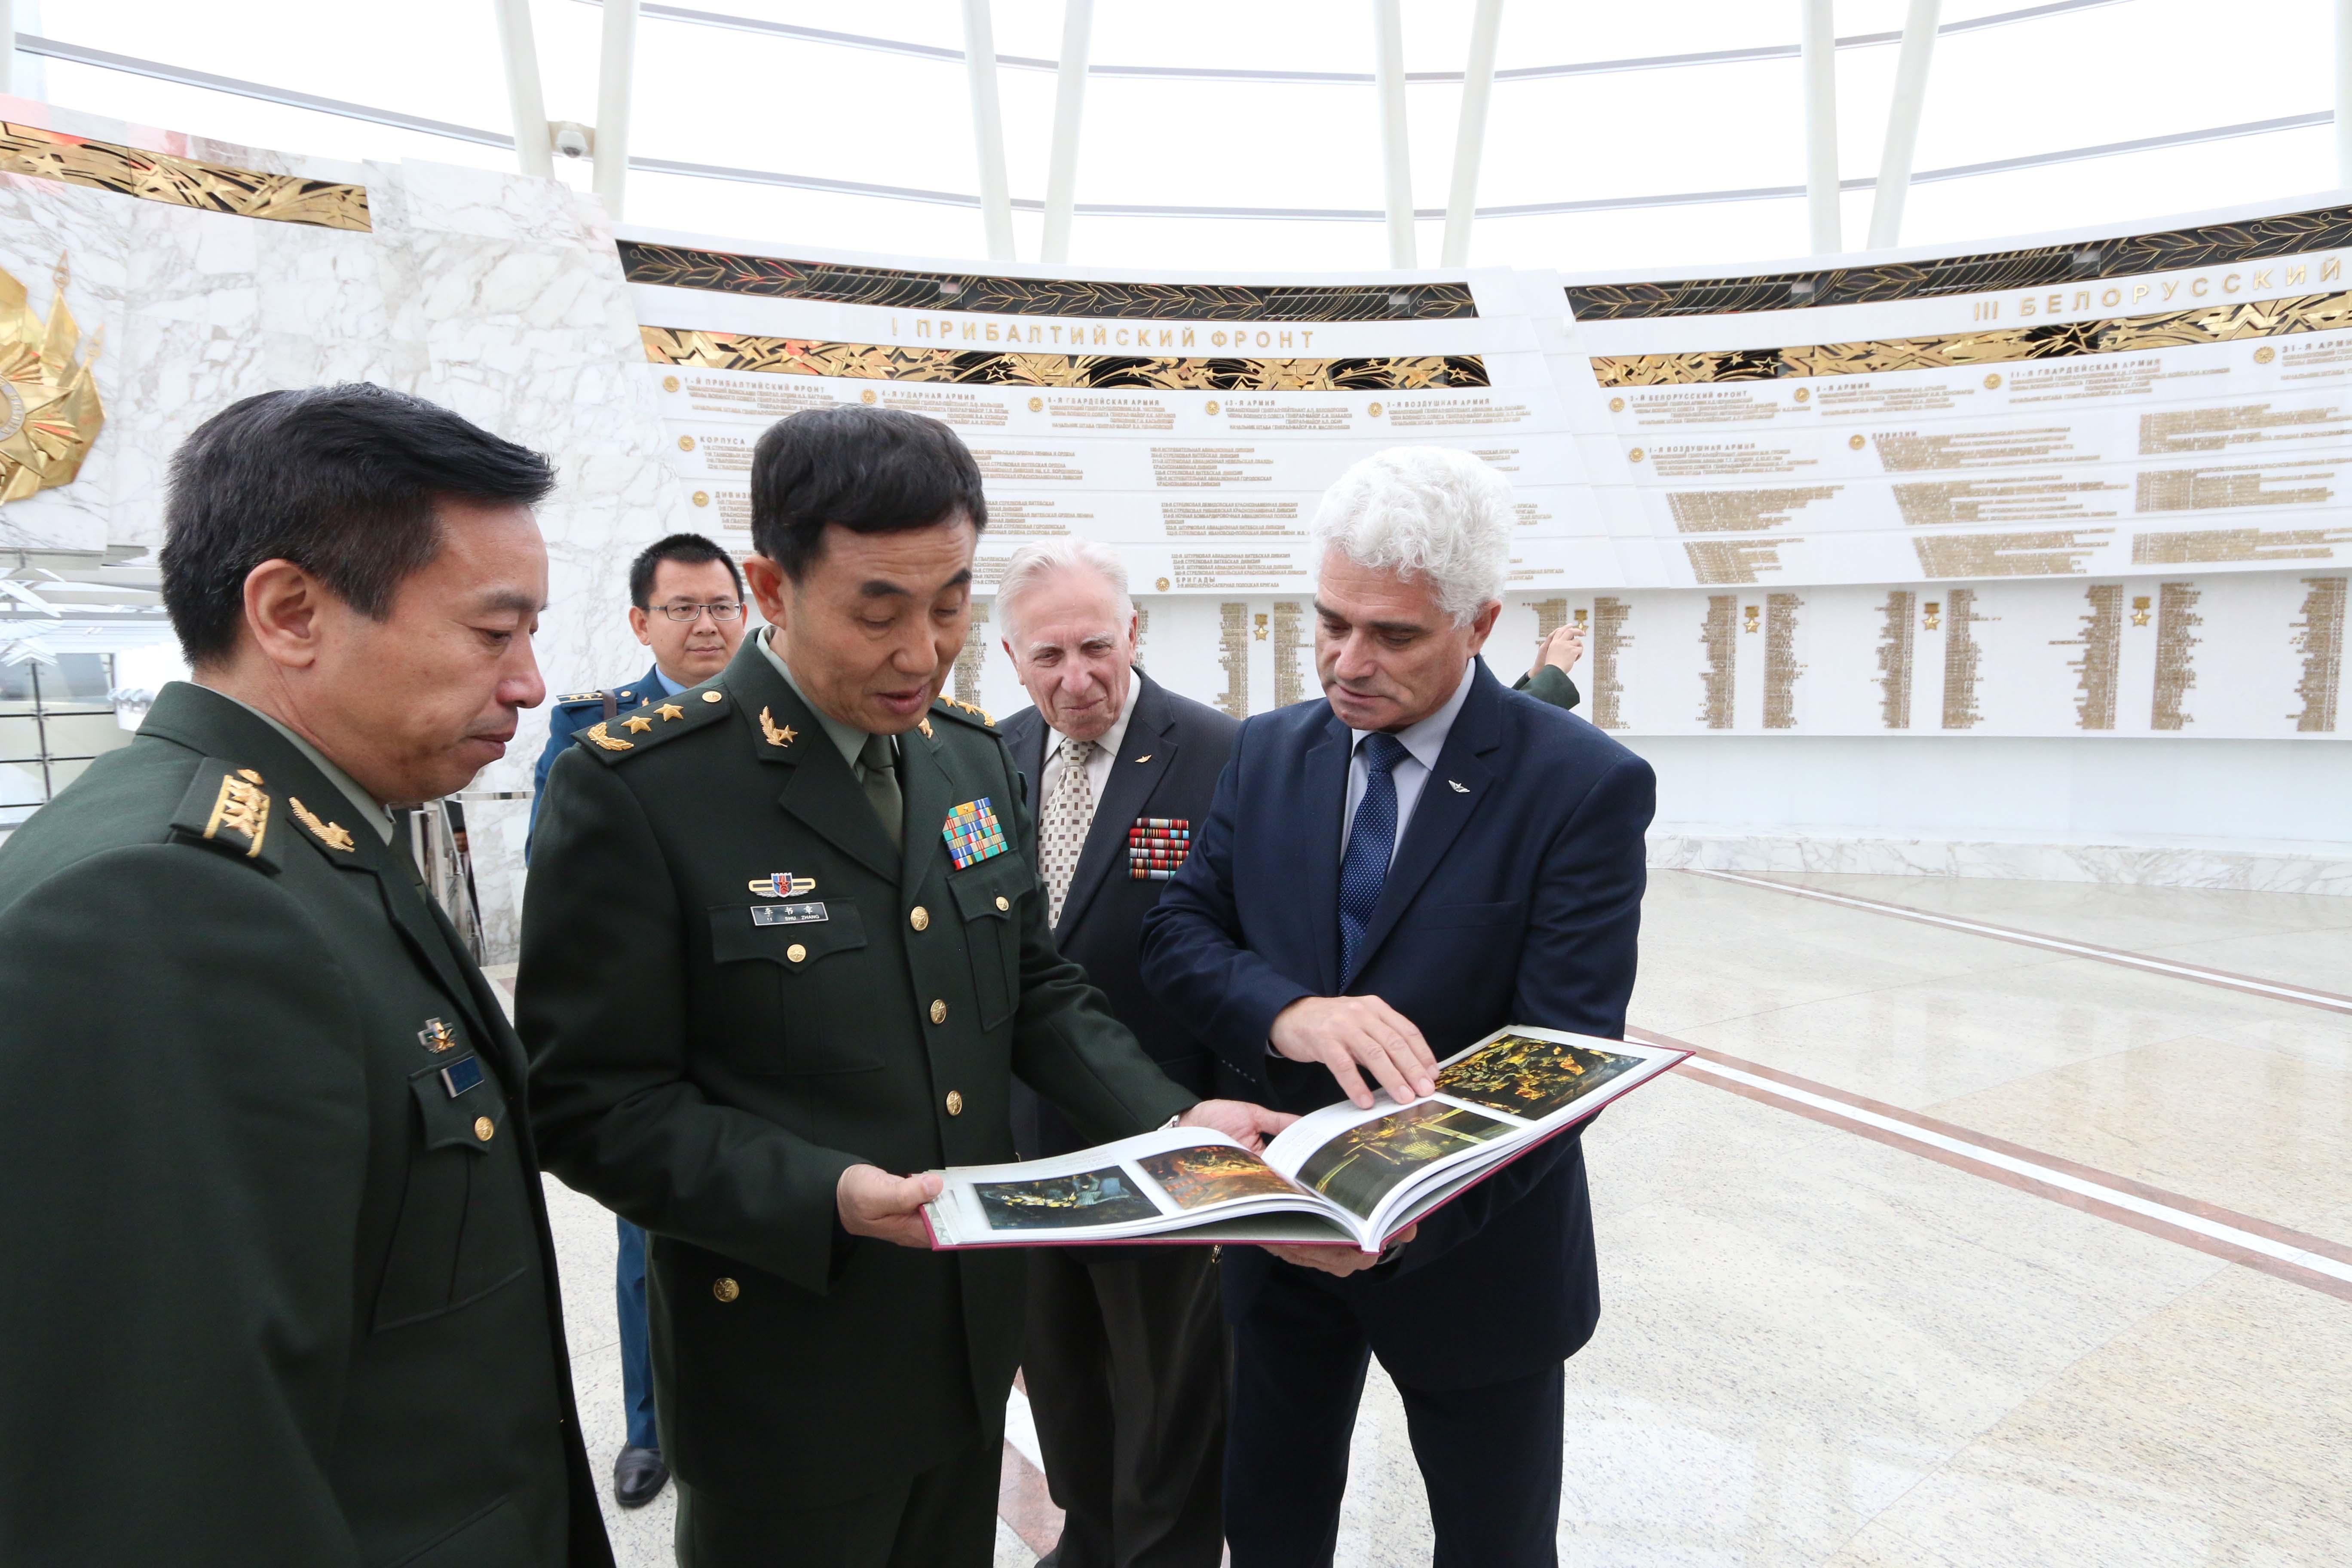 Встреча иностранной делегации в музее